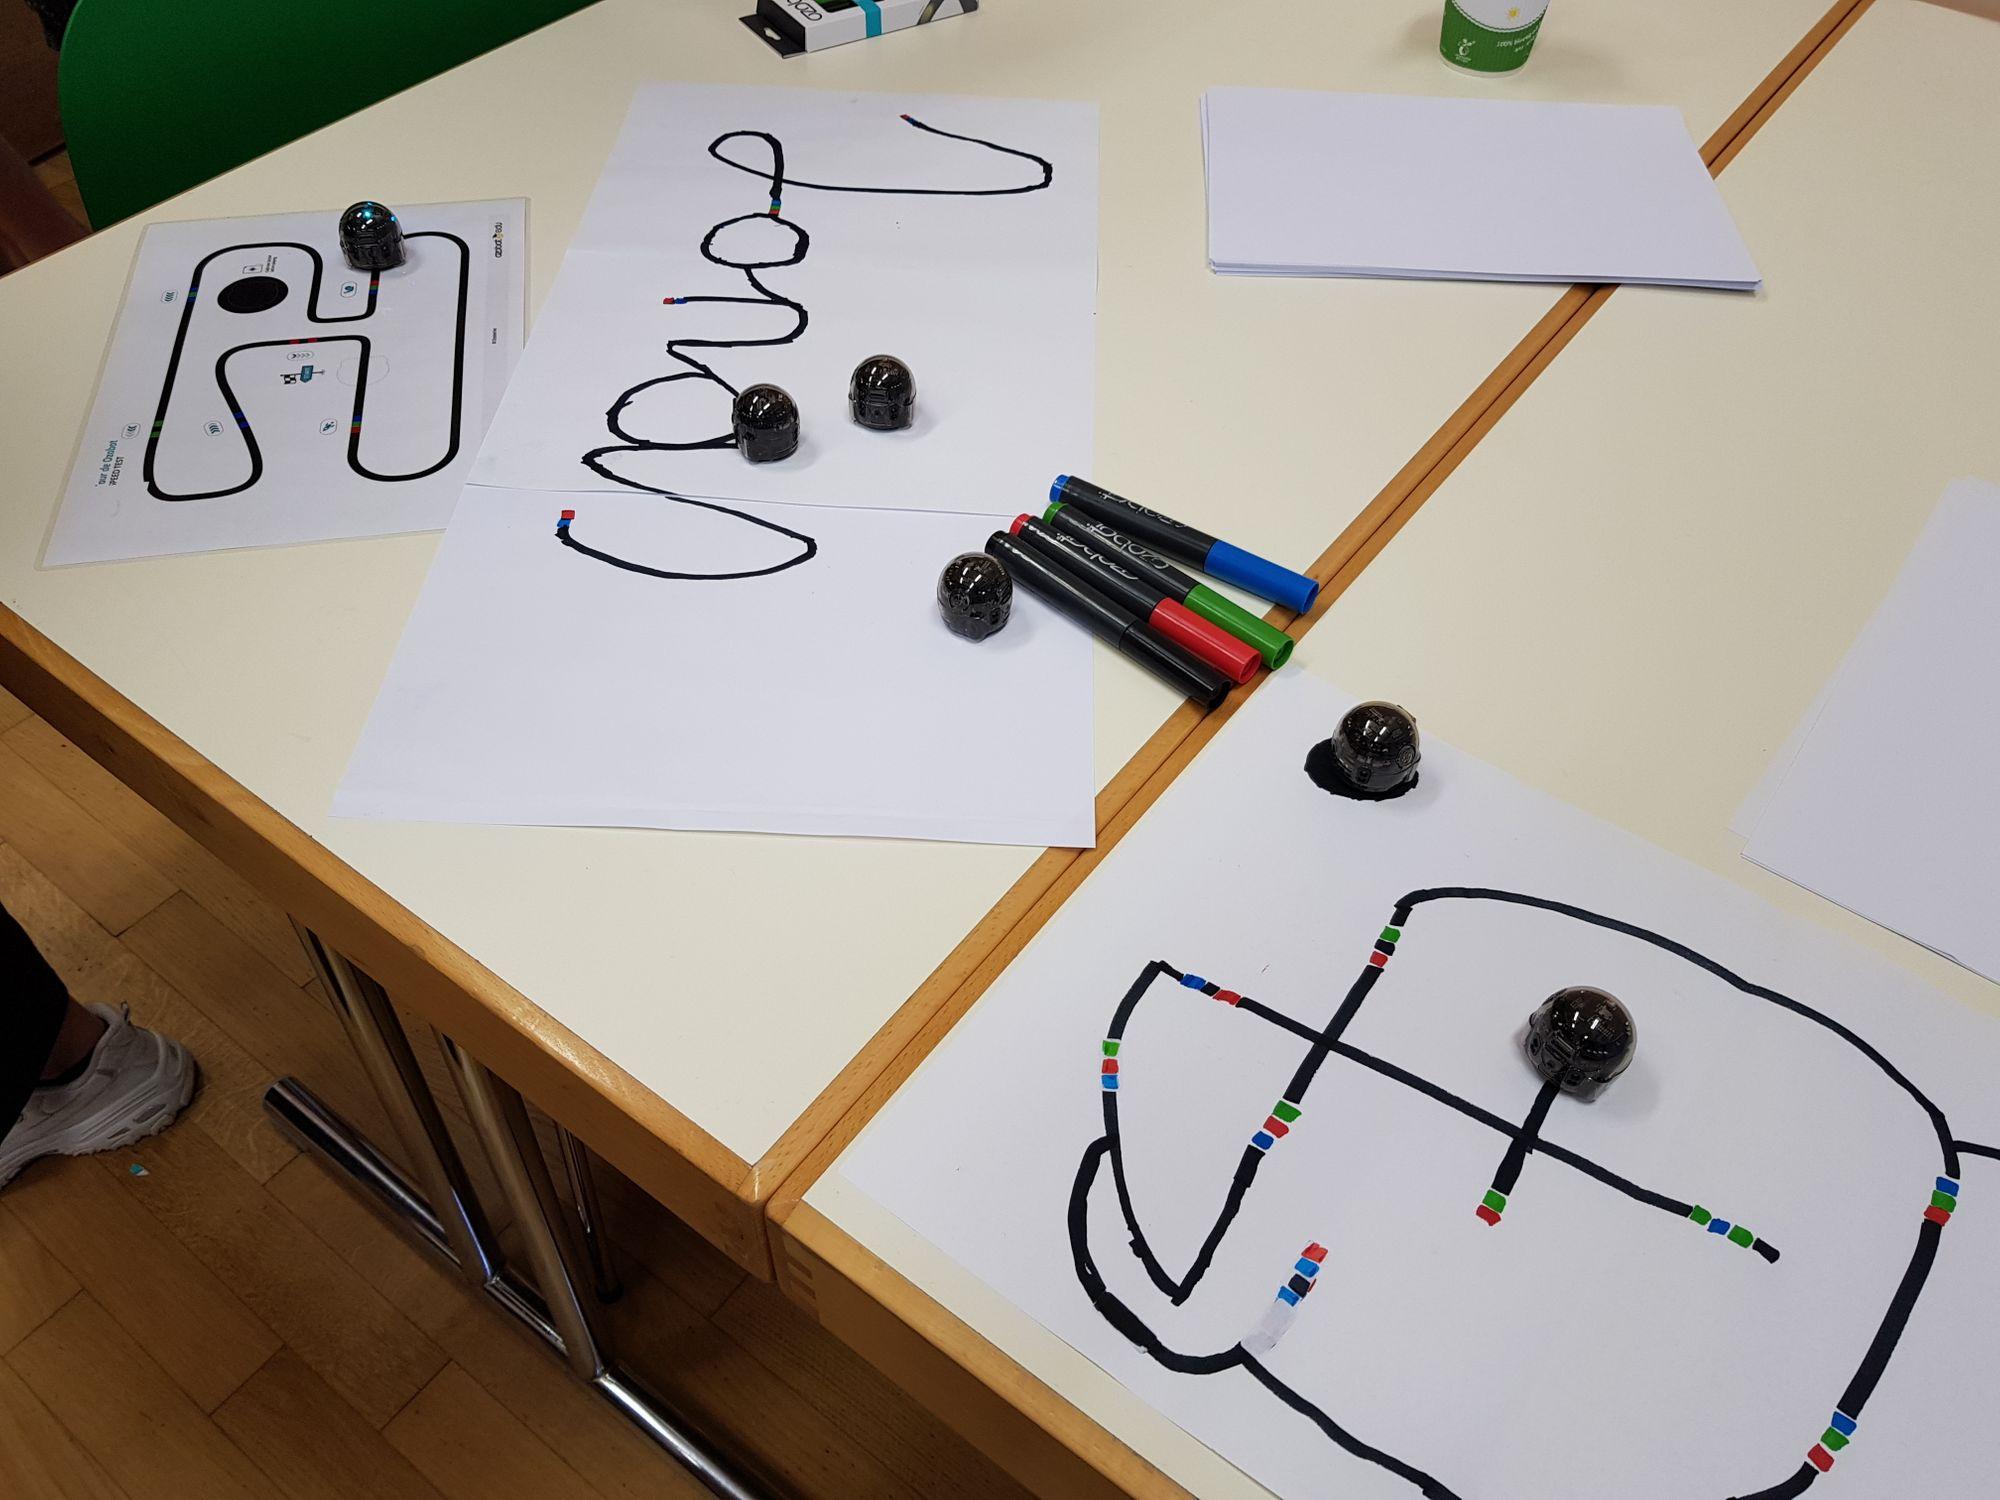 Schwarze Linien und Farbcodes, denen die Ozobot Roboter folgen.